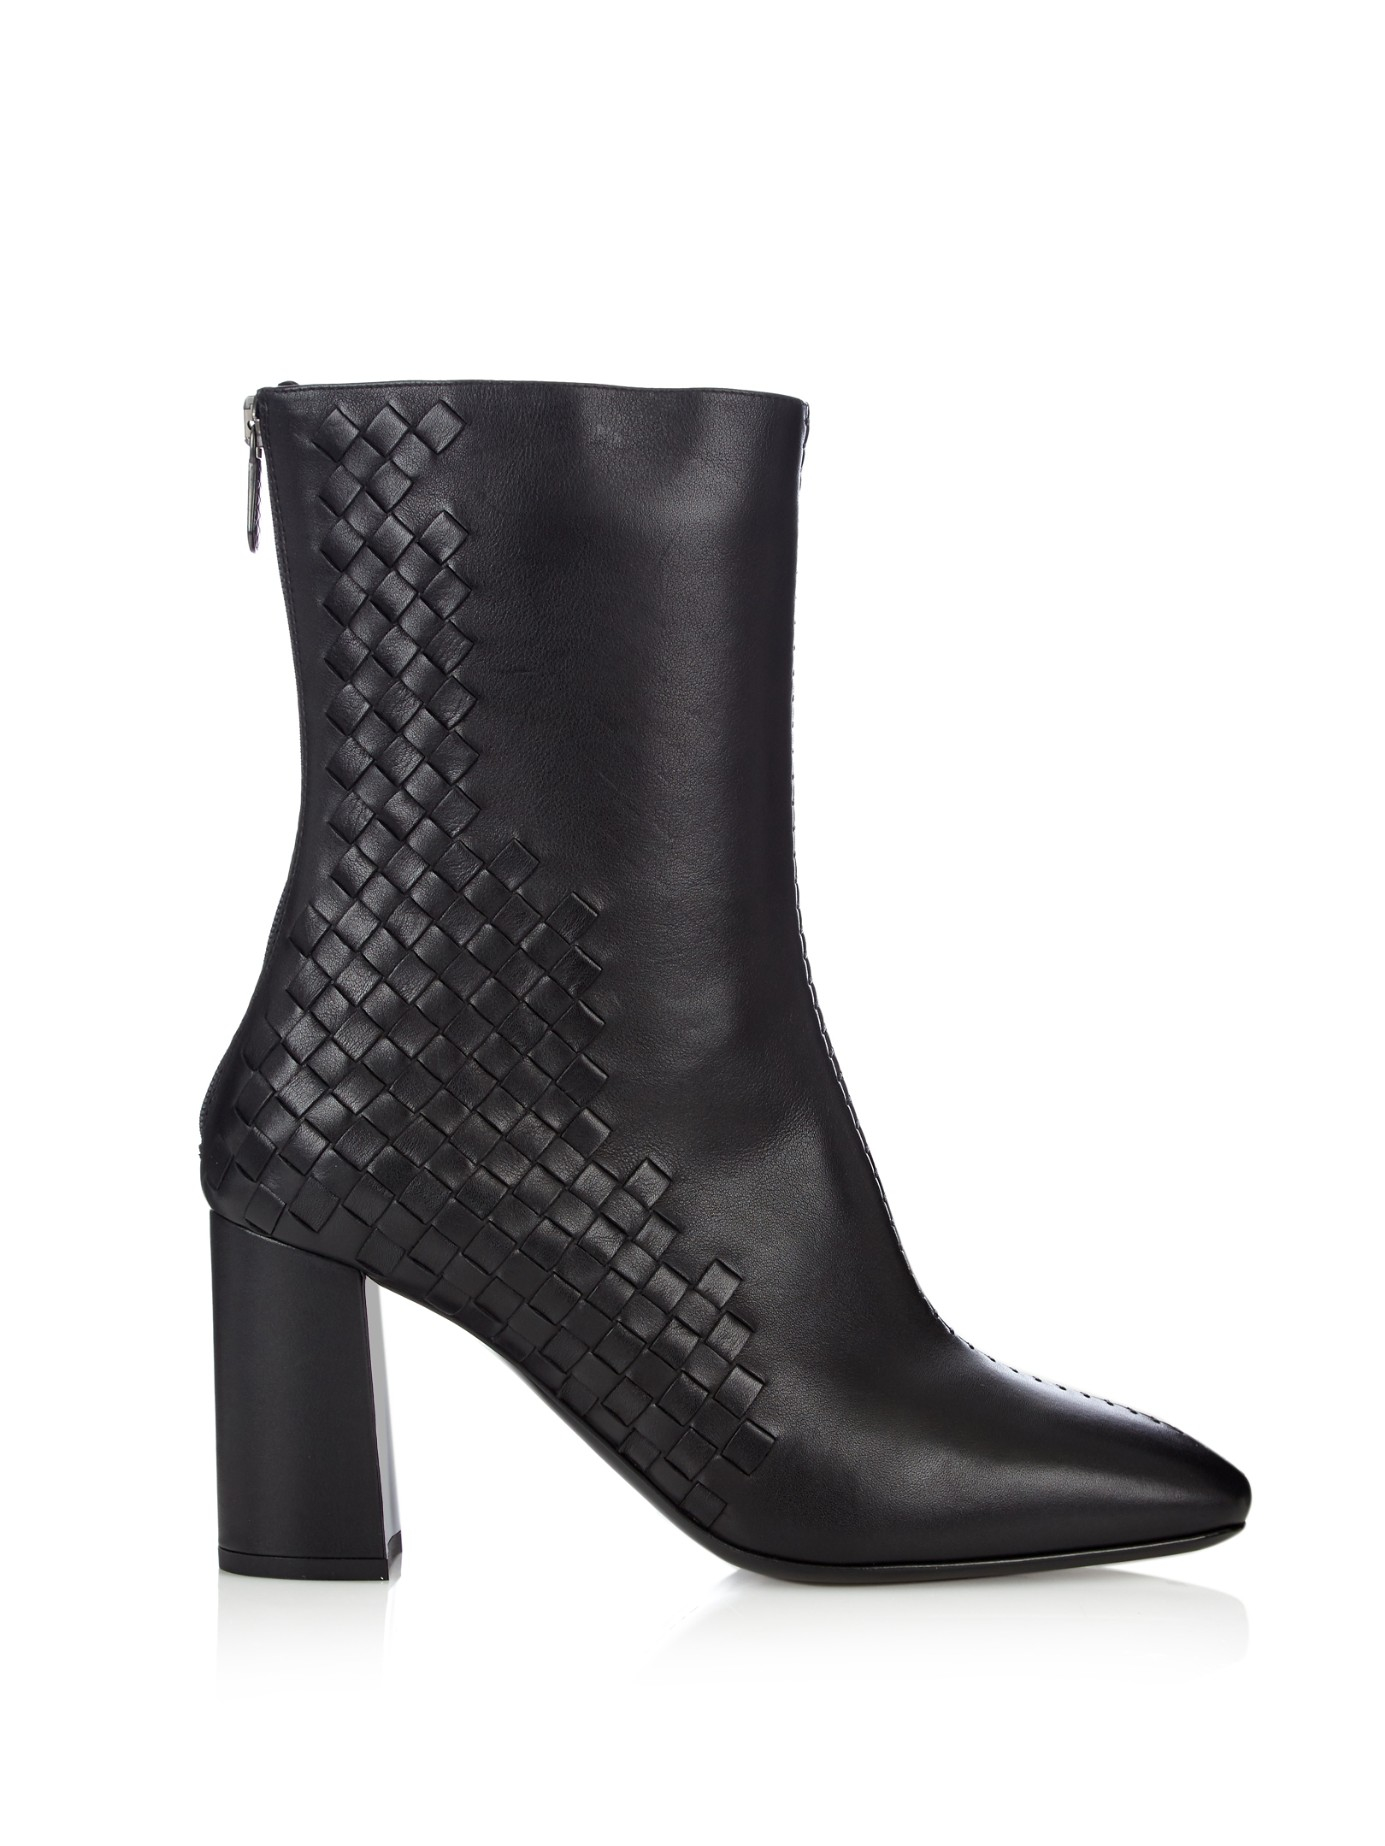 Bottega Veneta Velvet Boots oF3L9lR